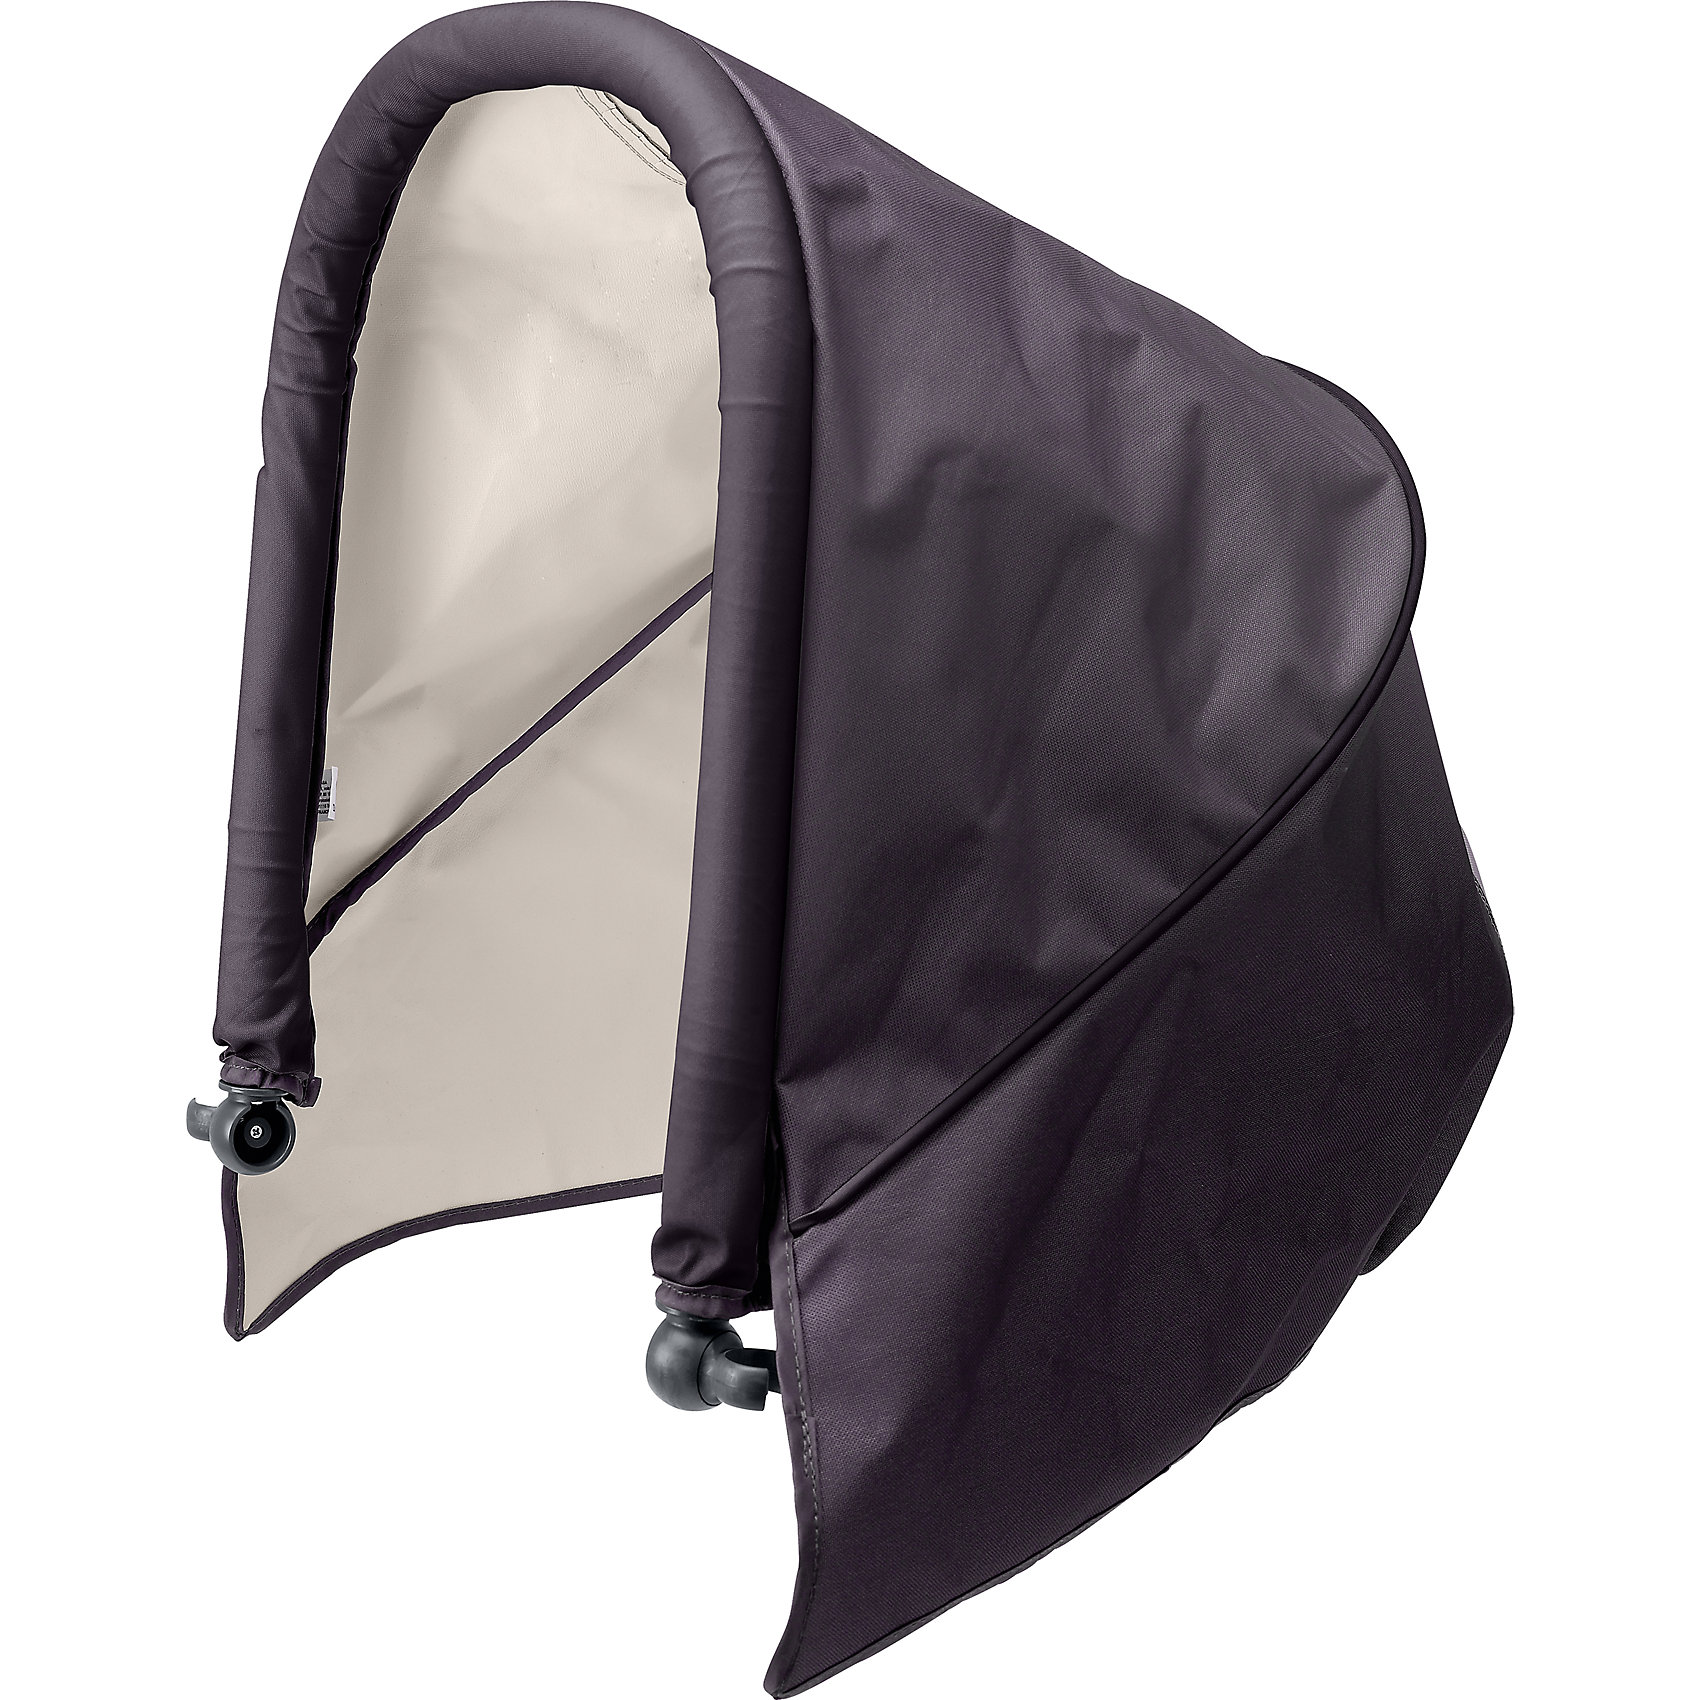 Капюшон для шезлонга Up&amp;Down, BeabaШезлонги<br>Удобный и практичный капюшон - незаменимый аксессуар во время прогулок на свежем воздухе и поездок на природу. Он защитит вашего малыша от ярких солнечных лучей, сильного ветра, небольшого дождя, создаст комфортные условия для сна и отдыха. Капюшон изготовлен из водоотталкивающего материала, легко крепится к шезлонгу Beaba Up&amp;Down с помощью специальных креплений. <br><br>Дополнительная информация:<br><br>- Материал: текстиль.<br>- Размер: 48,5х48,5 см.<br>- Загрязнения легко устраняются влажной губкой. <br>- Легко крепится и снимается. <br><br>Капюшон для шезлонга Up&amp;Down, Beaba, можно купить в нашем магазине.<br><br>Ширина мм: 470<br>Глубина мм: 431<br>Высота мм: 470<br>Вес г: 880<br>Возраст от месяцев: 0<br>Возраст до месяцев: 6<br>Пол: Унисекс<br>Возраст: Детский<br>SKU: 4599421